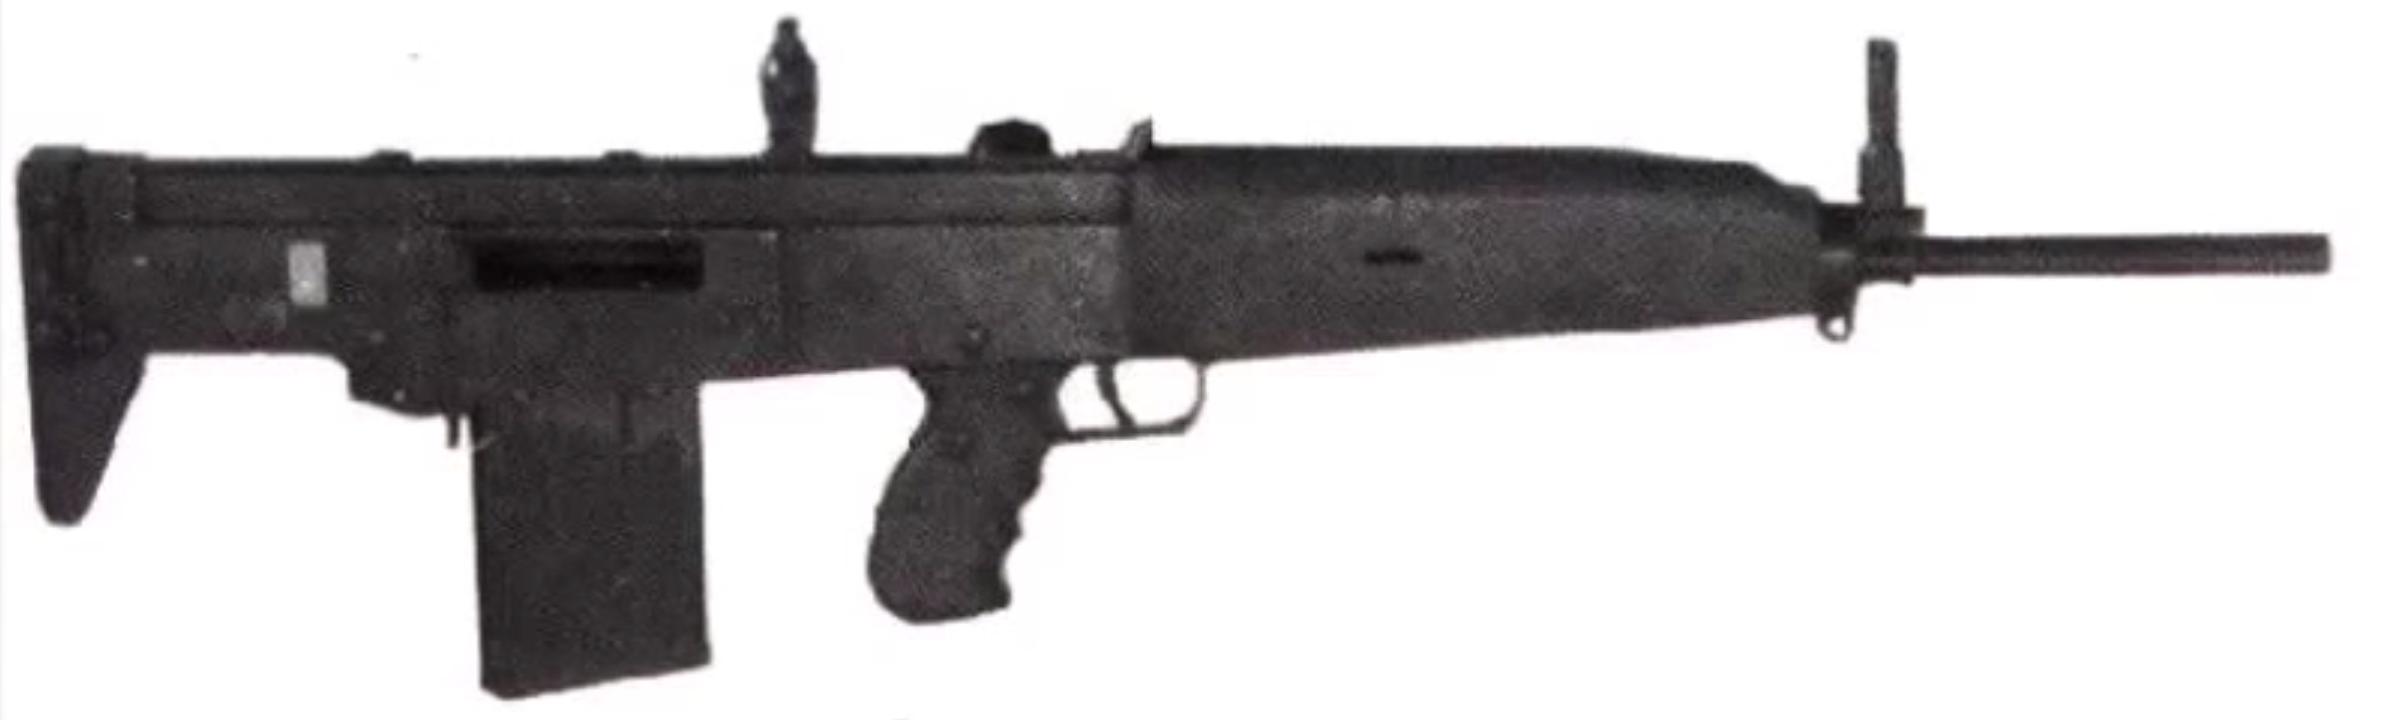 MAS 54B